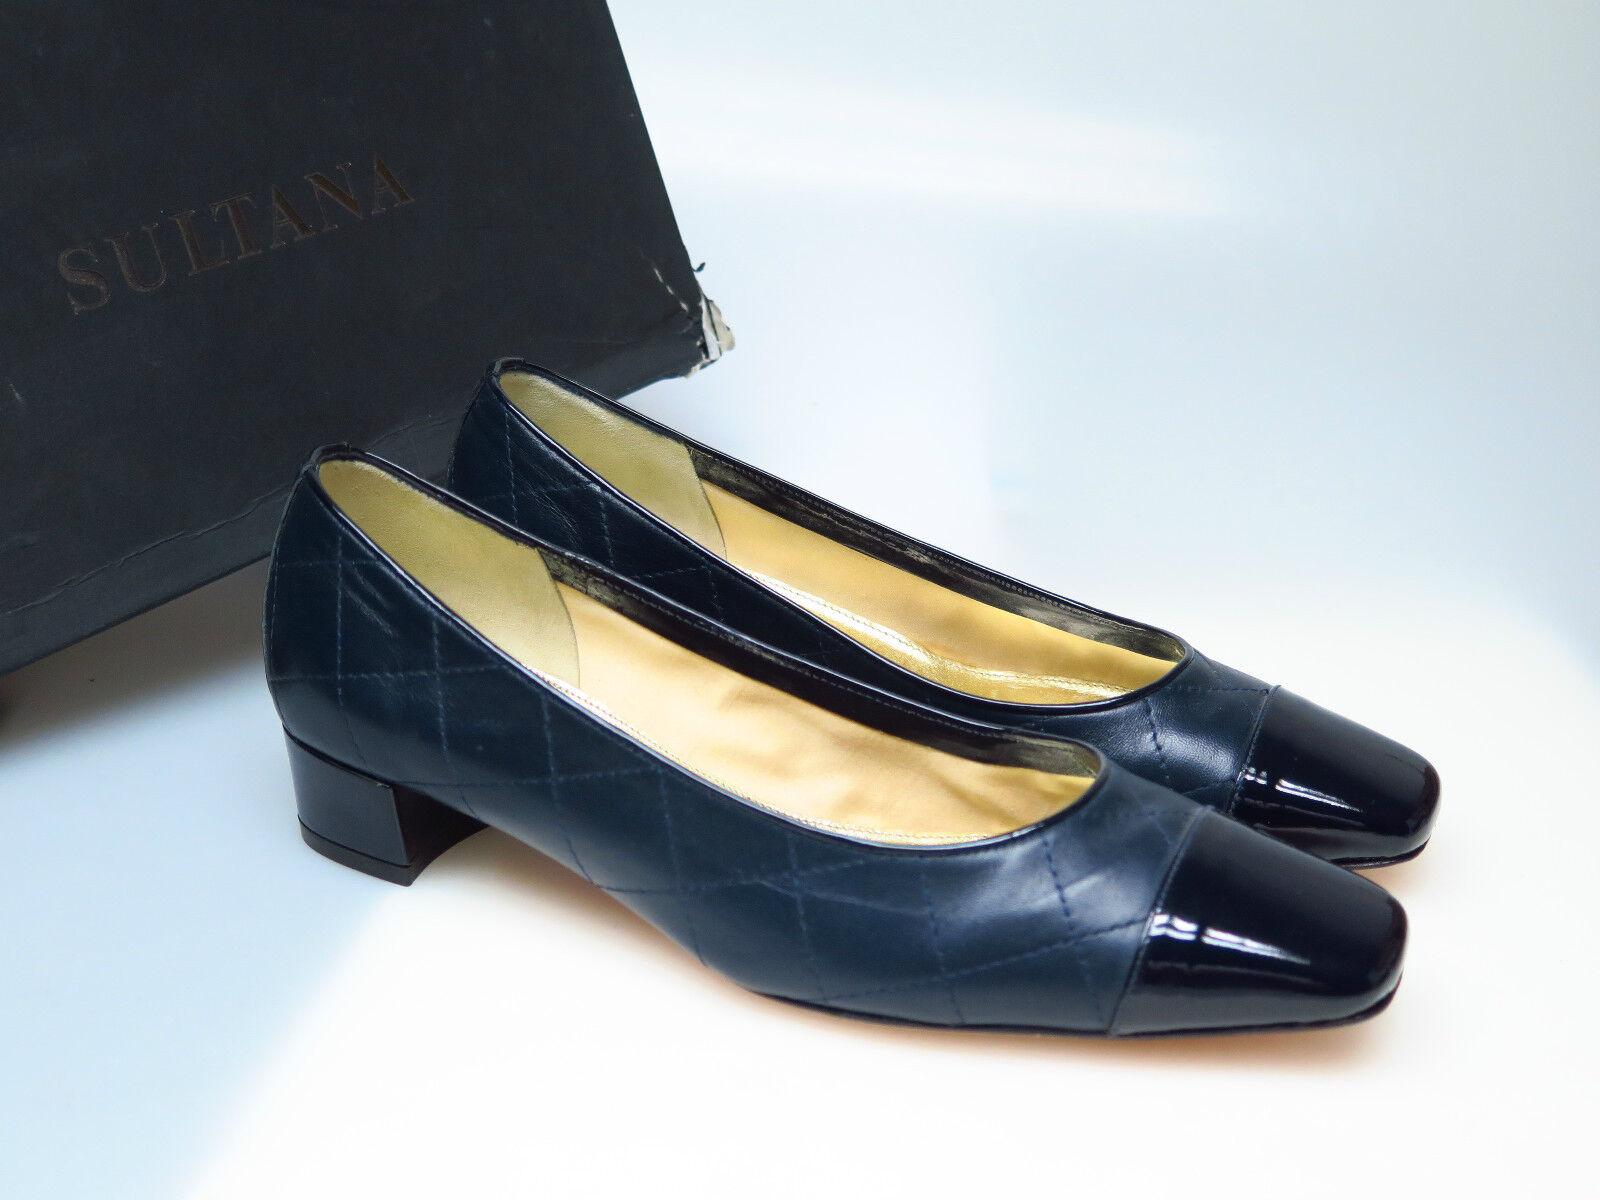 SULTANA Schuhe Designer Damenschuhe N2714 Lucy Nappa Blau Coco Gr. 36,5 NEU